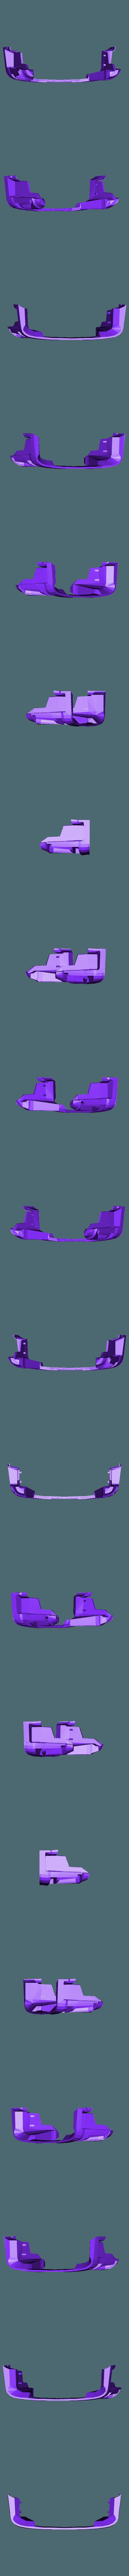 bouclier_av.stl Télécharger fichier STL gratuit rc truck 1/14 FH body • Objet à imprimer en 3D, r083726